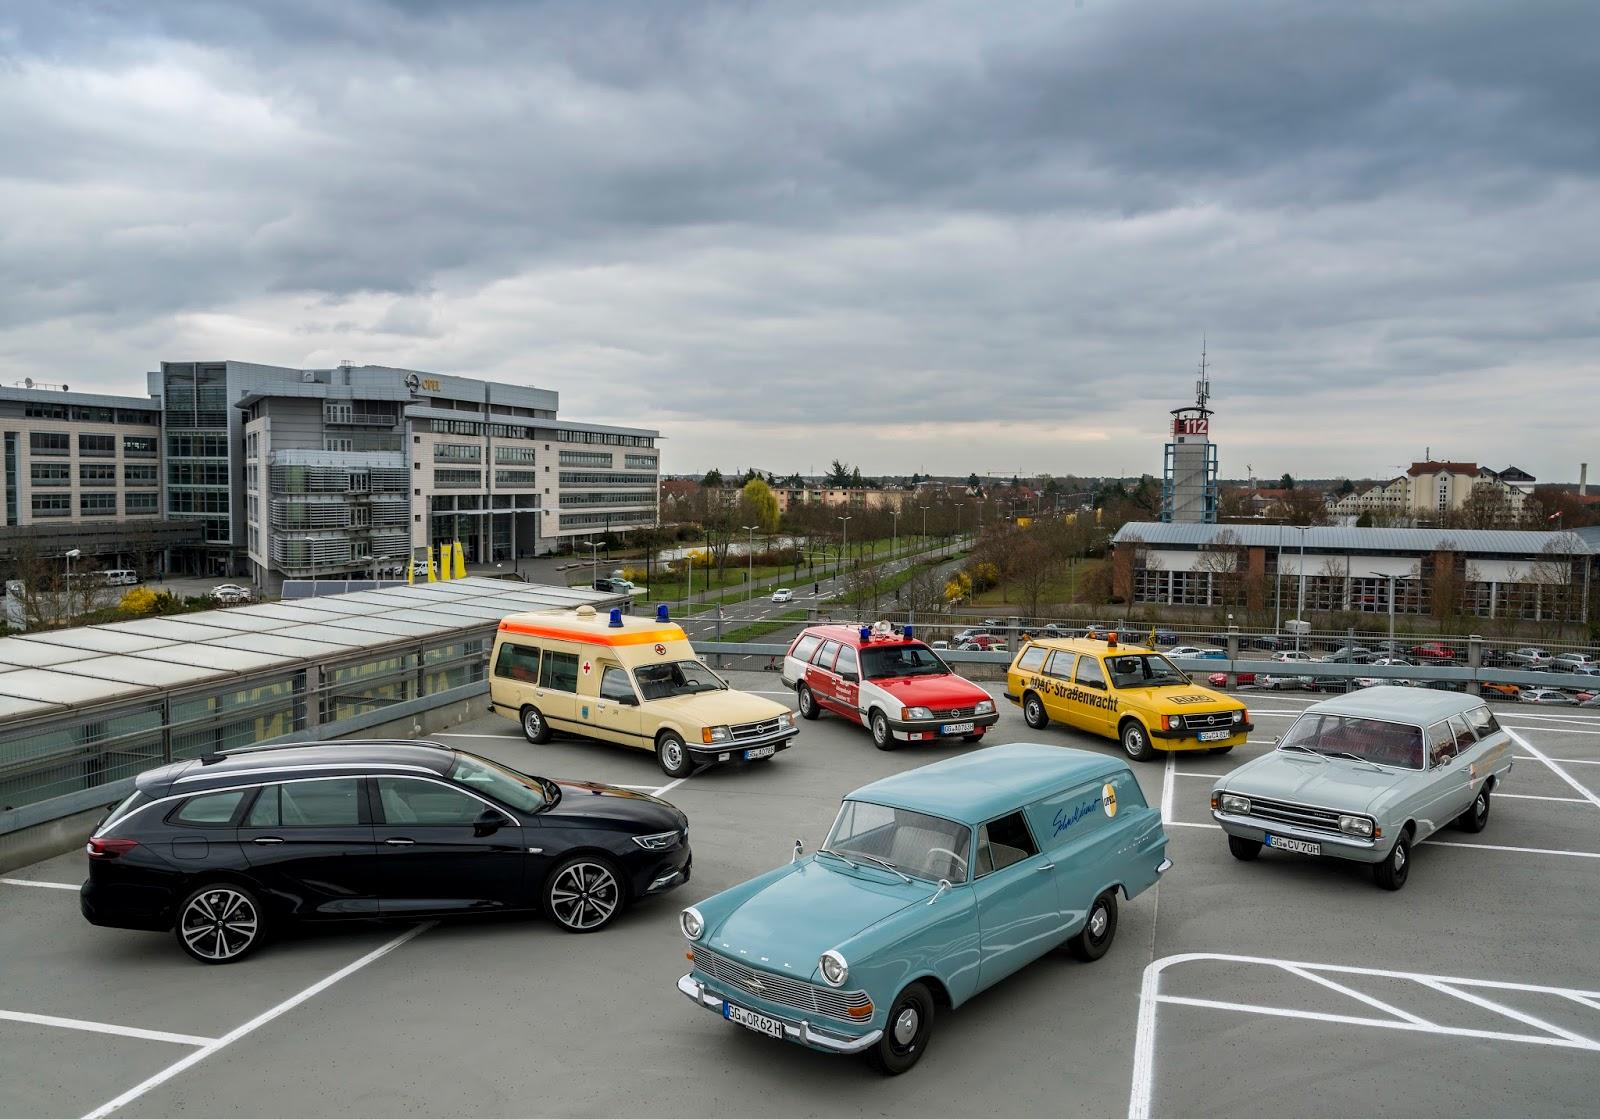 Opel ADAC Hessen Thueringen 304649 Ράλι κλασικών μοντέλων Opel στο Hessen-Thüringen Classic, Opel, Opel Cascada, Opel Record, Opel Wagon, Rally